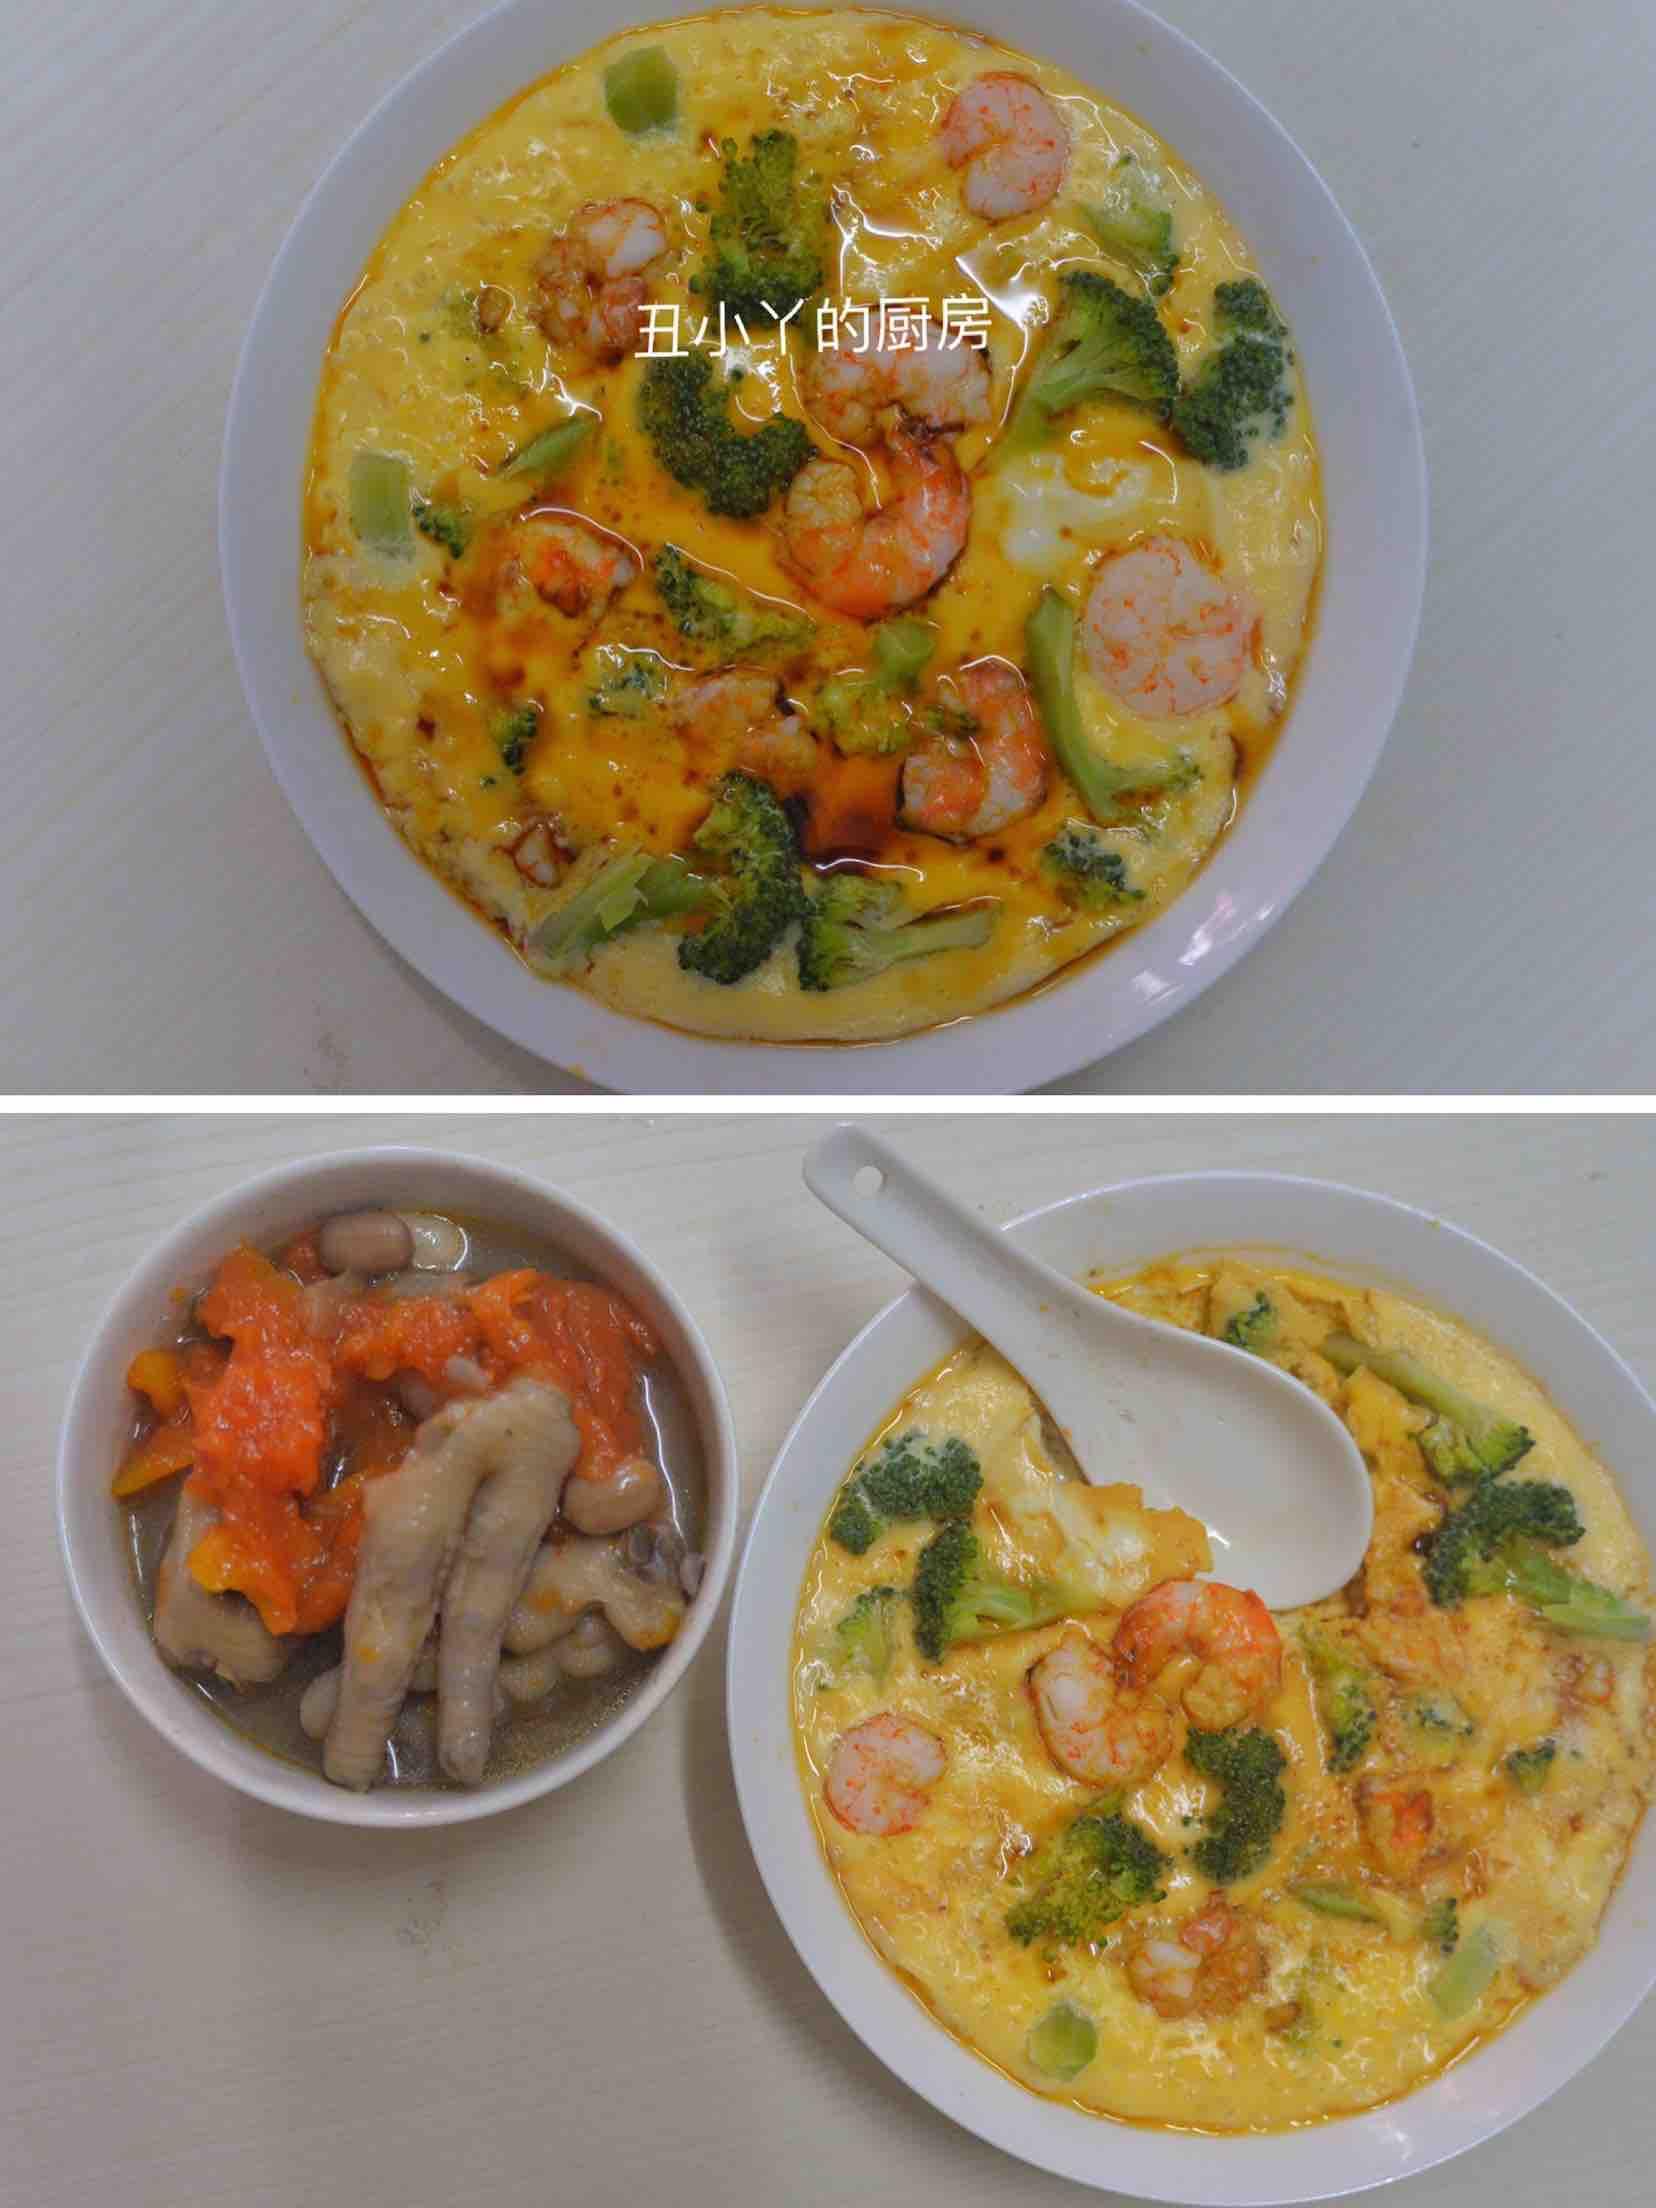 低脂减肥餐|鲜虾西兰花豆腐蒸鸡蛋